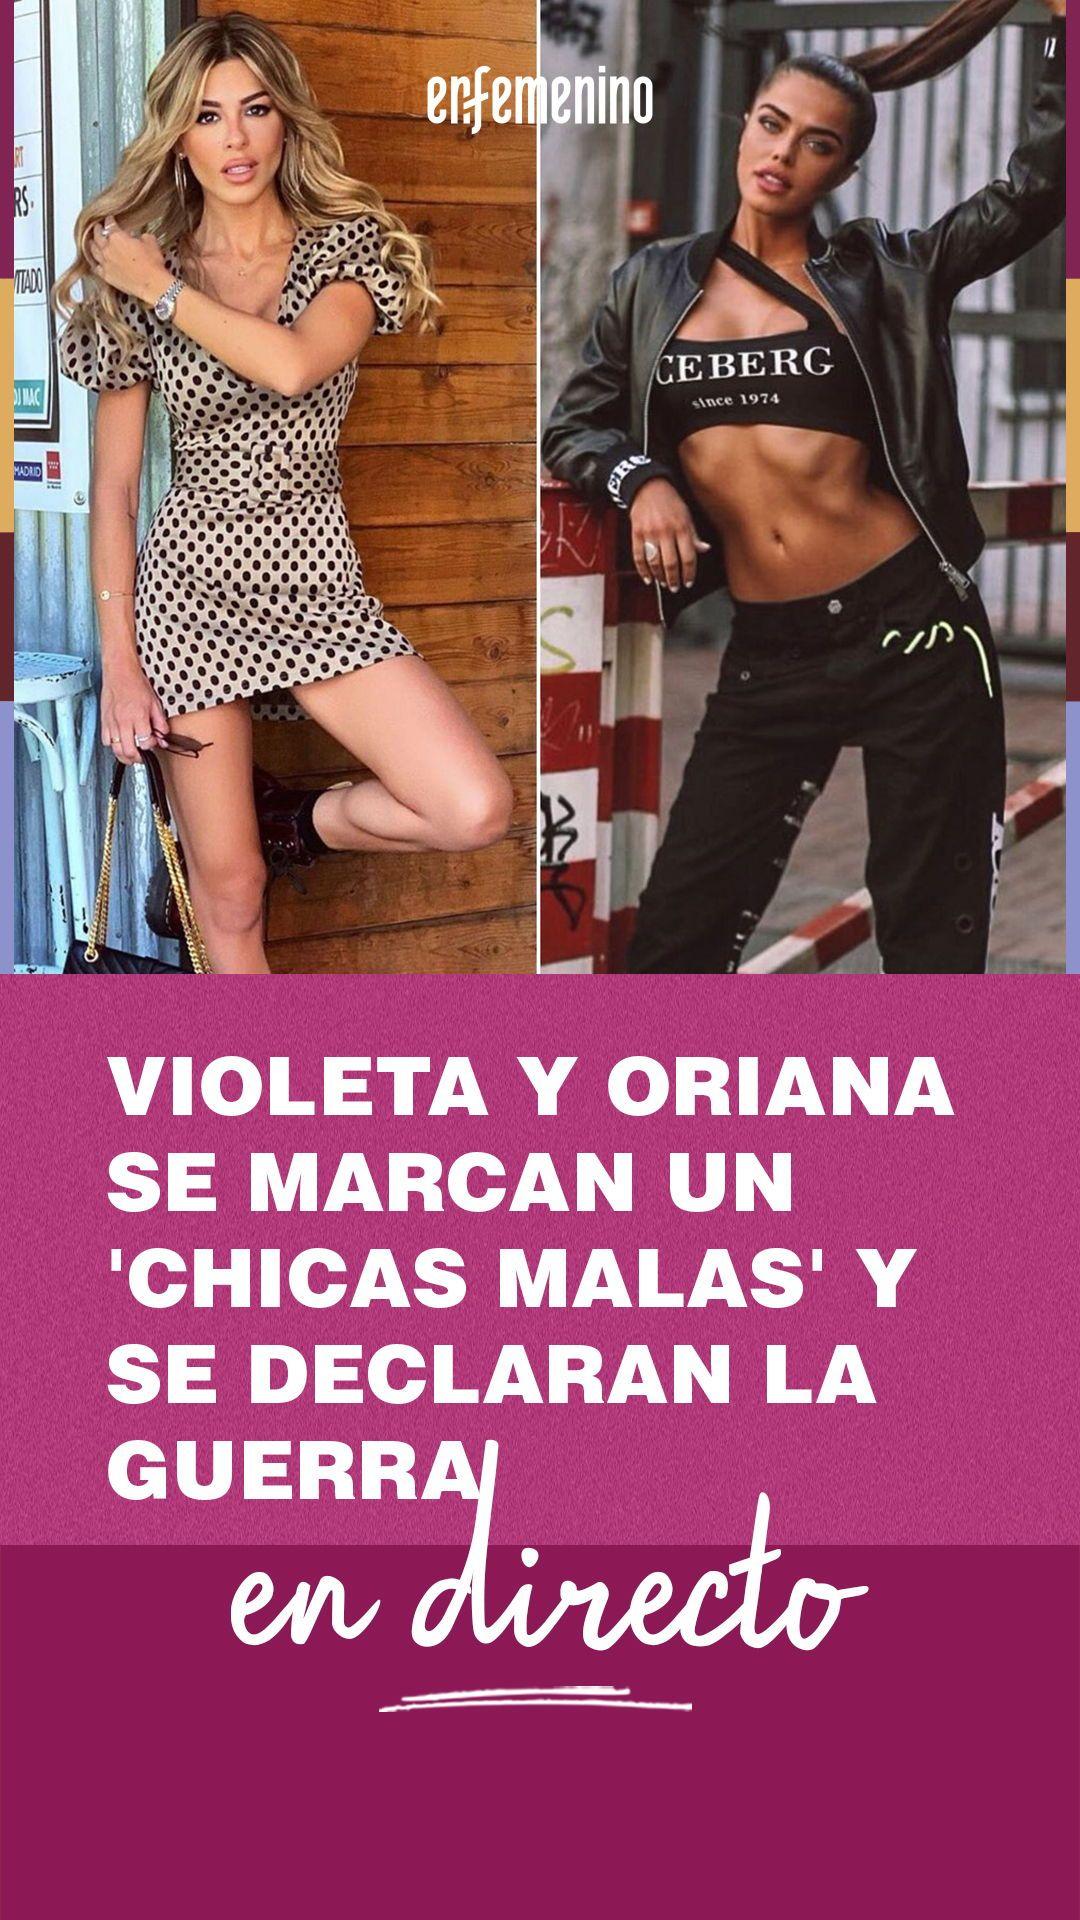 Supervivientes: Nuevos zascas entre Violeta y Oriana